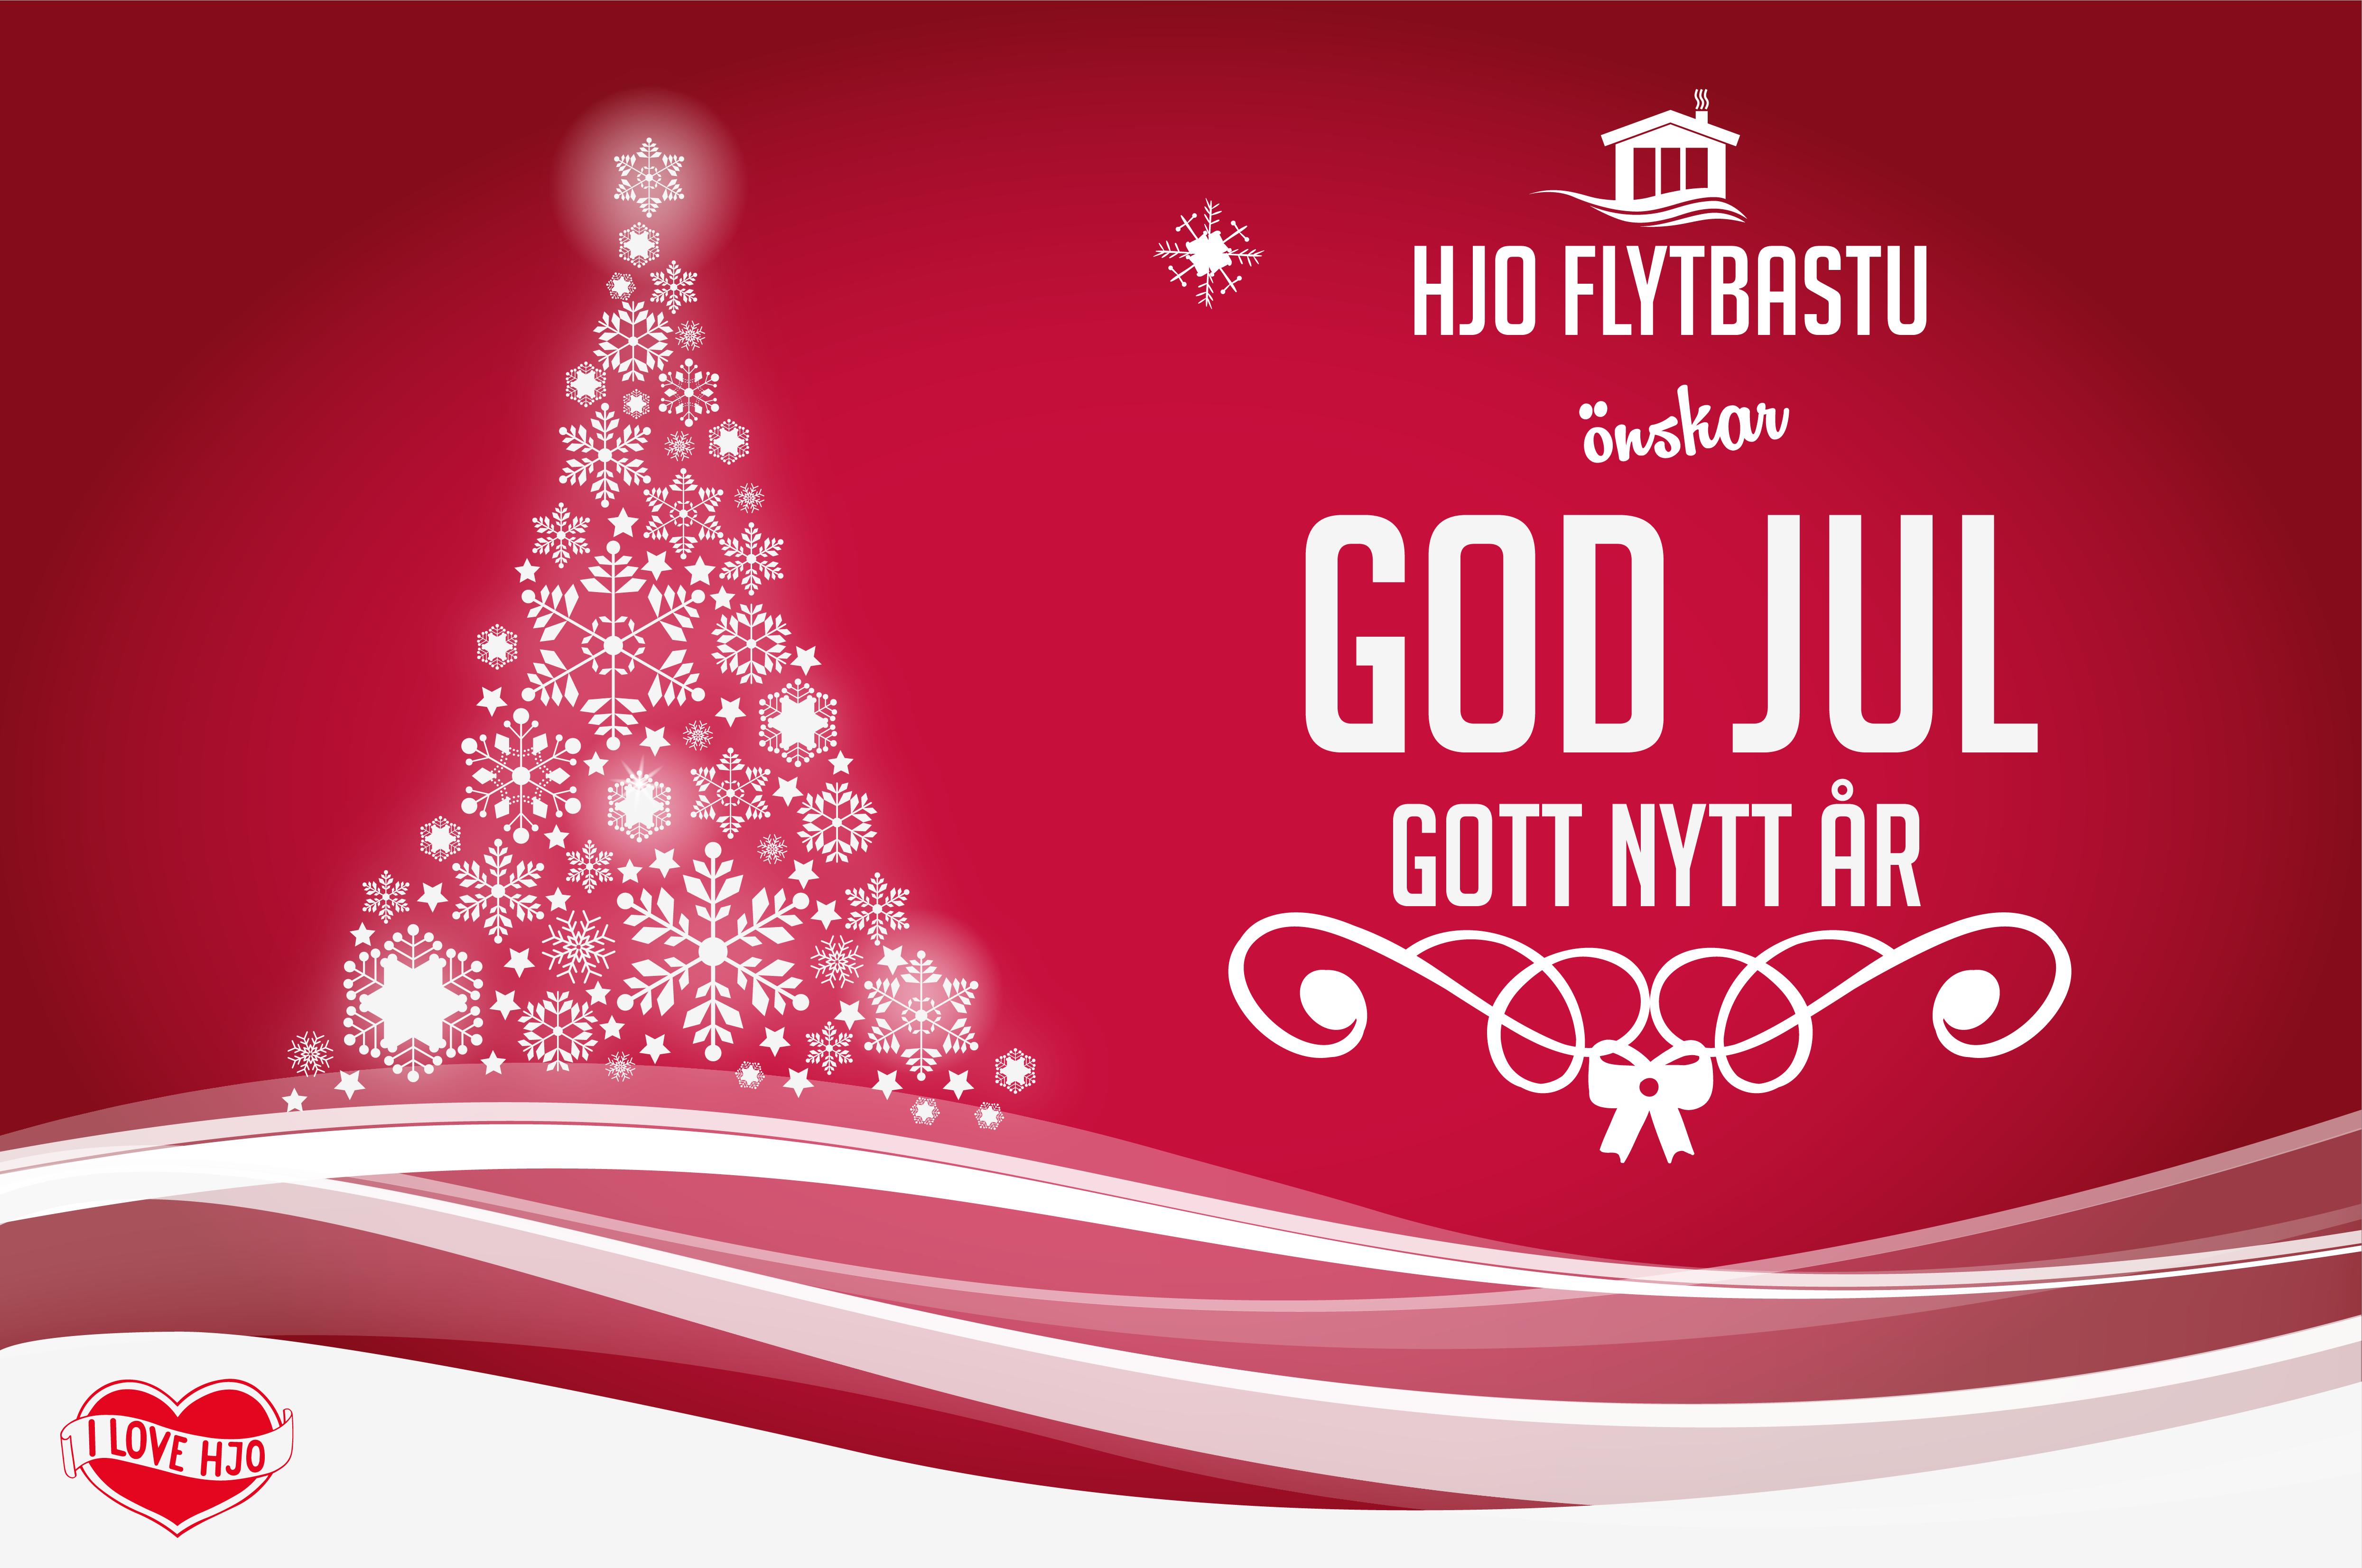 God Jul och gott nytt år hjo flytbastu godjul hjo flytbastu god fortsättning